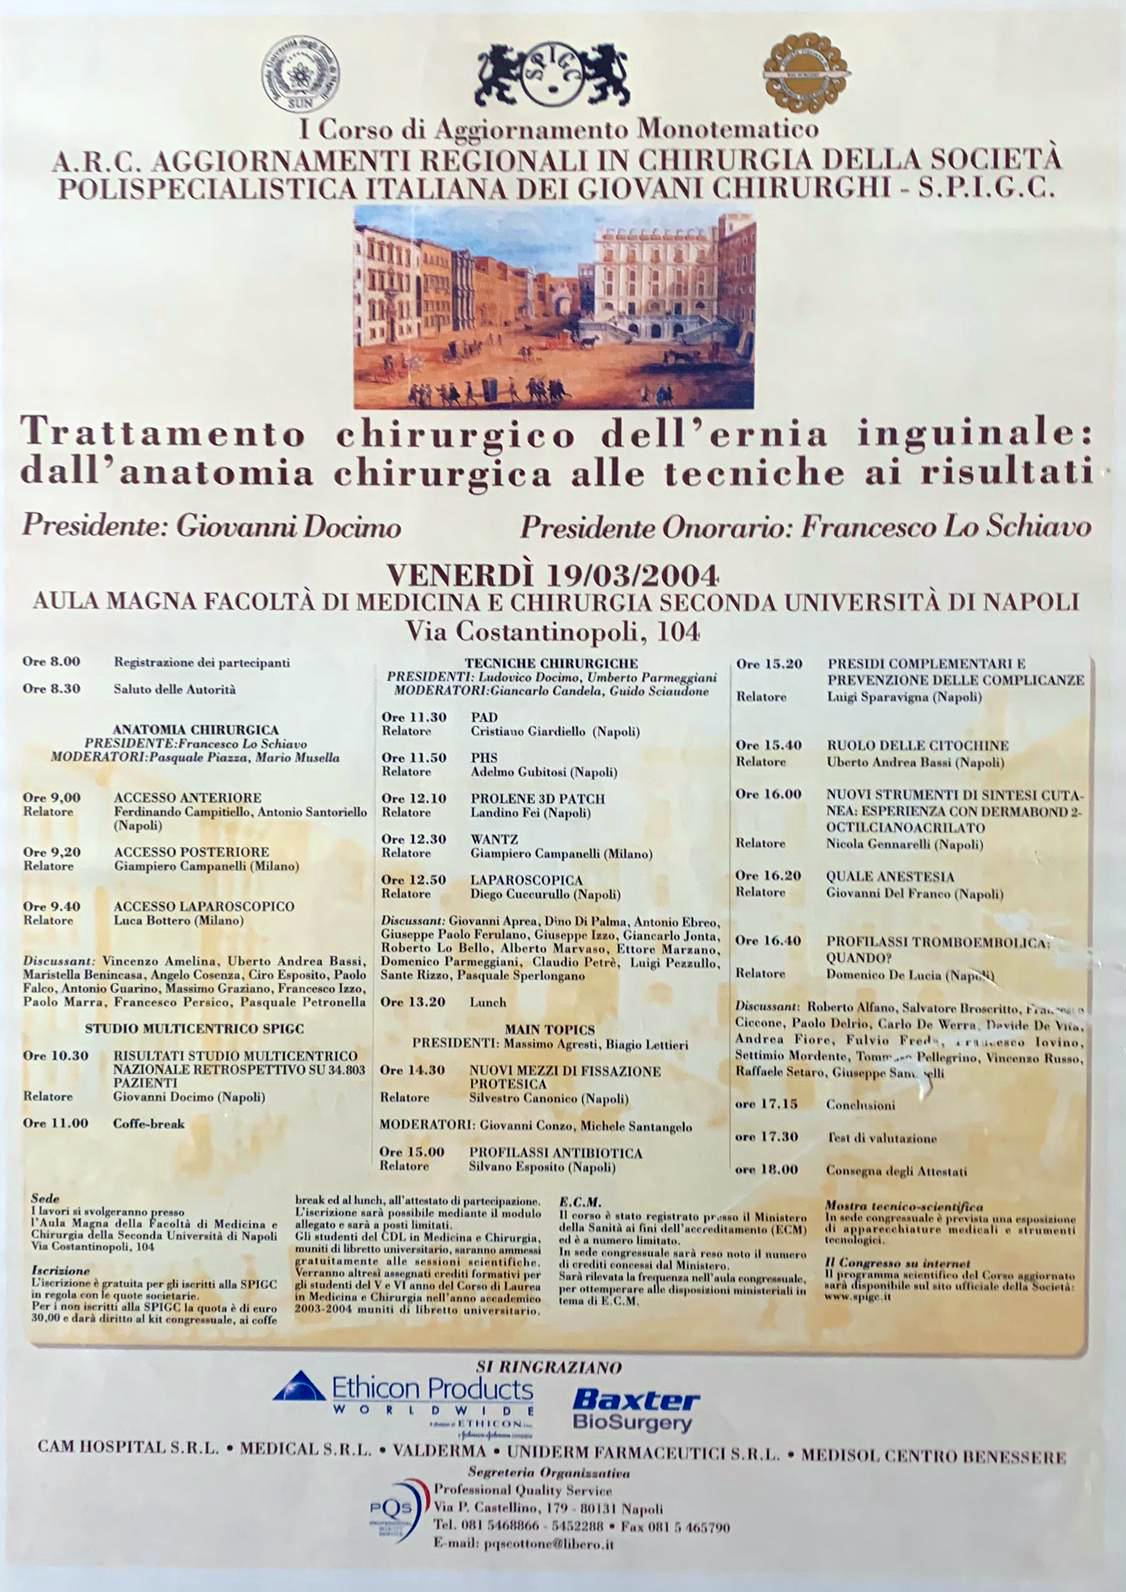 Trattamento chirurgico dll'ernia inguinale…19/03/2004